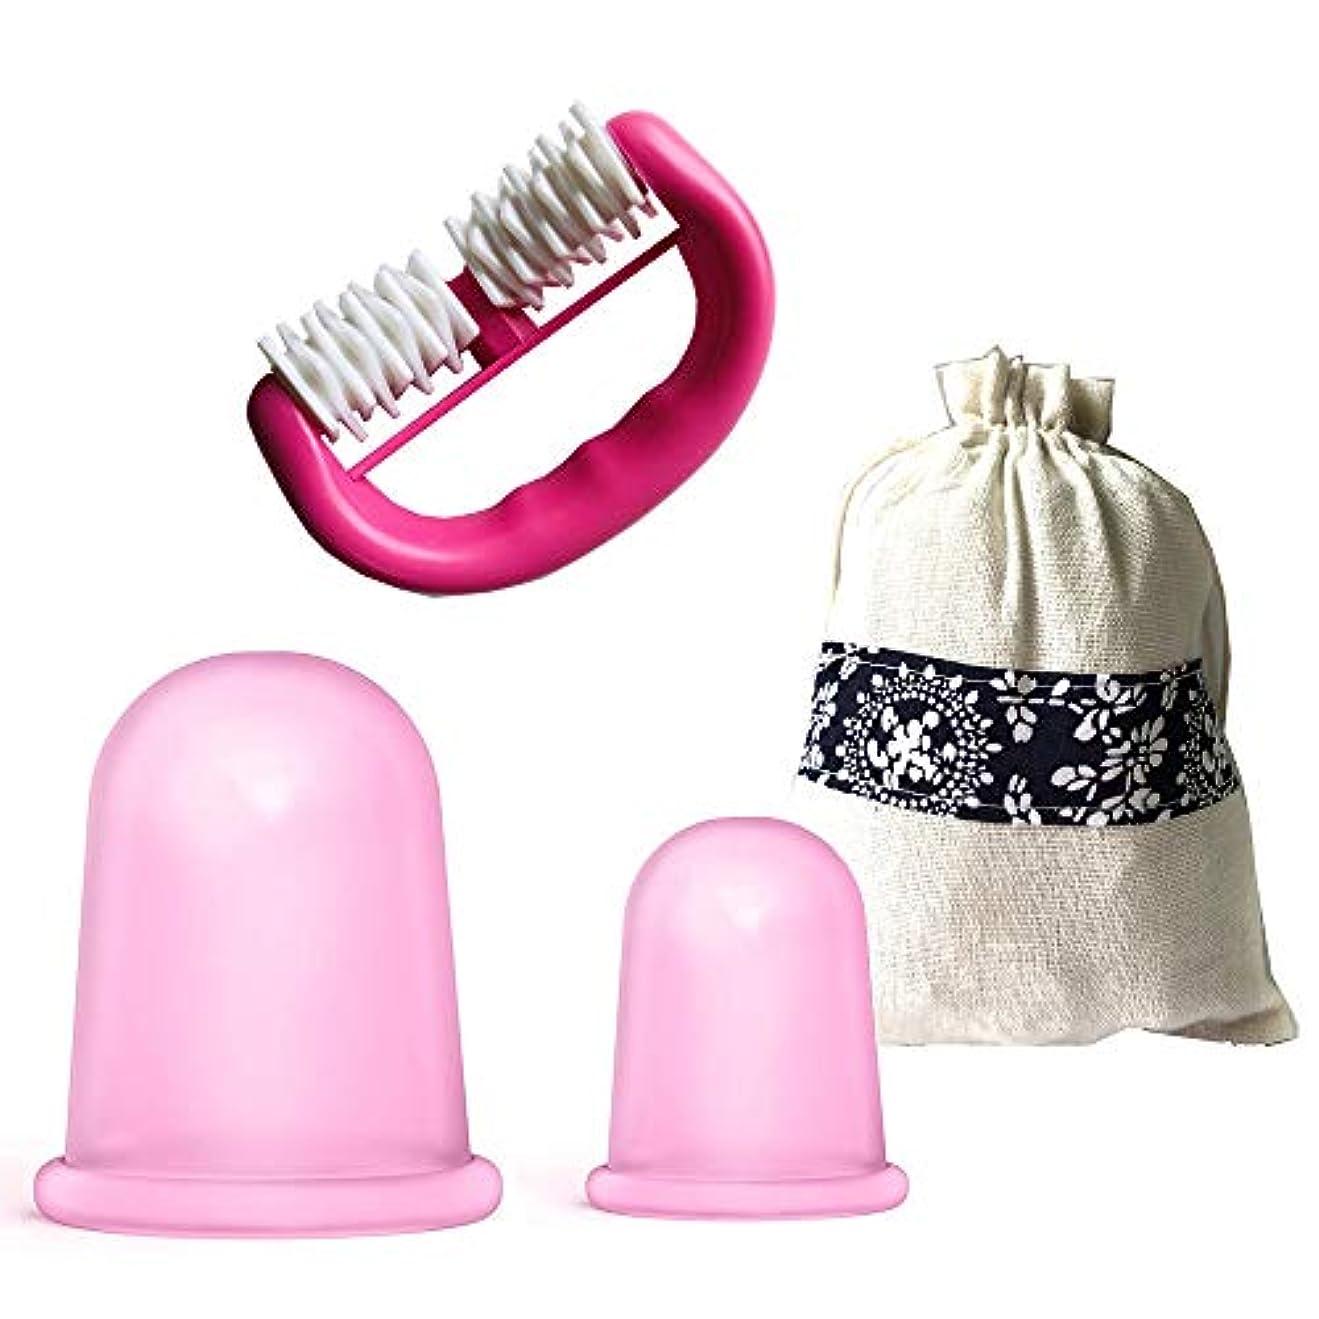 故障ヤングシャーロックホームズセルライトカッピングセラピーセットシリコンカッピングマッサージカップモイスチャーガシャ+ローラーマッサージャー付きギフトバッグ,Pink